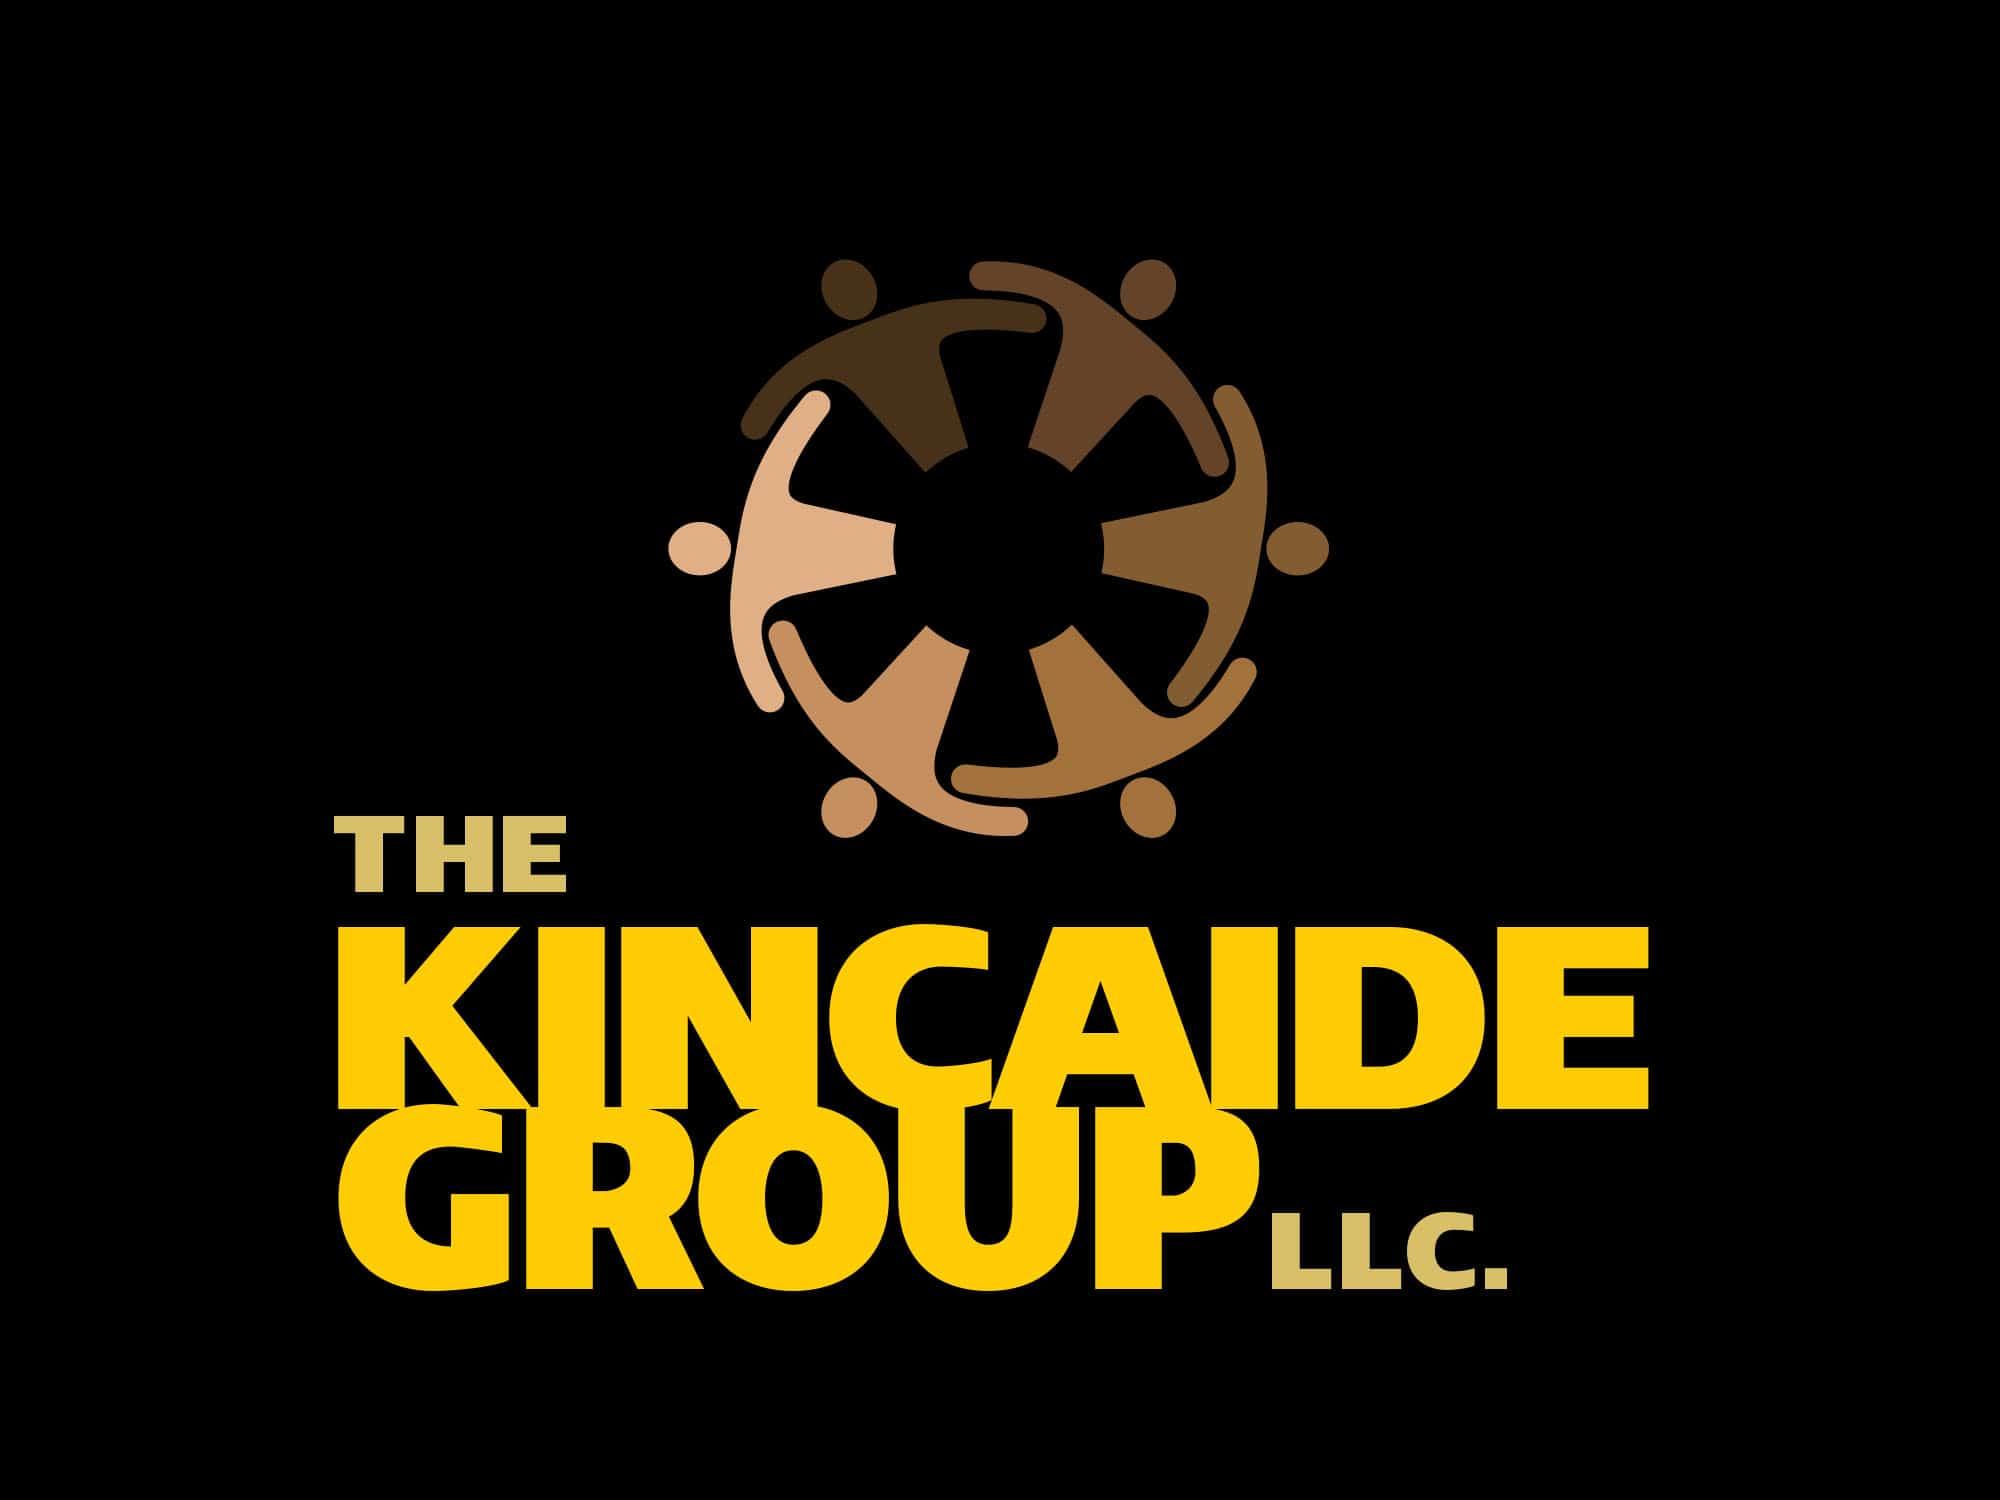 The Kincaide Group LLC